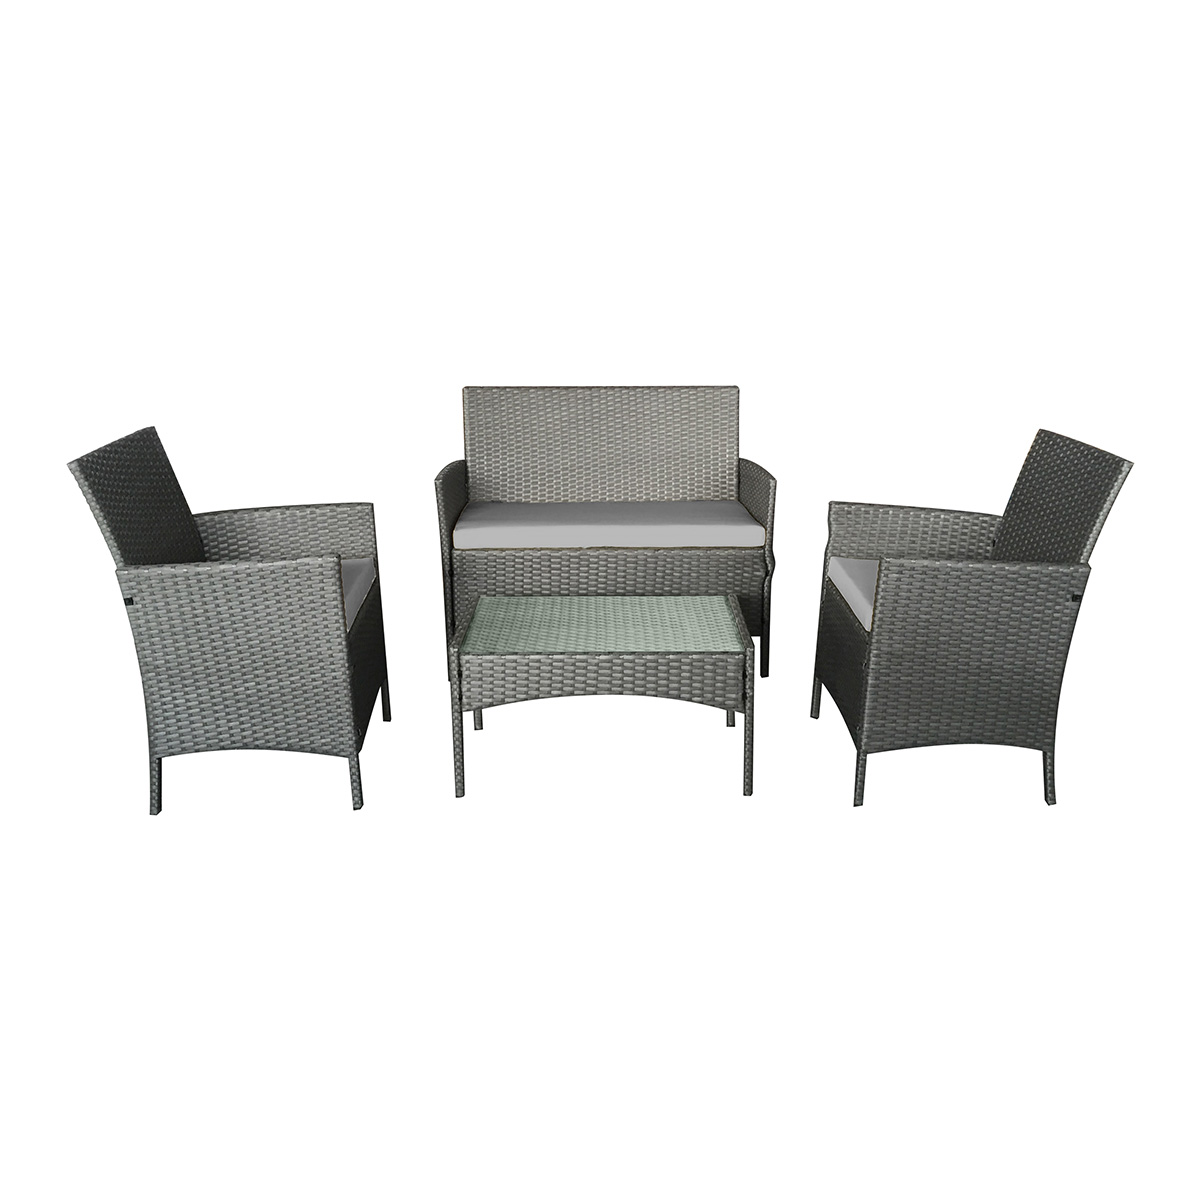 Salon de jardin cuba en résine tressée 4 places avec coussins gris